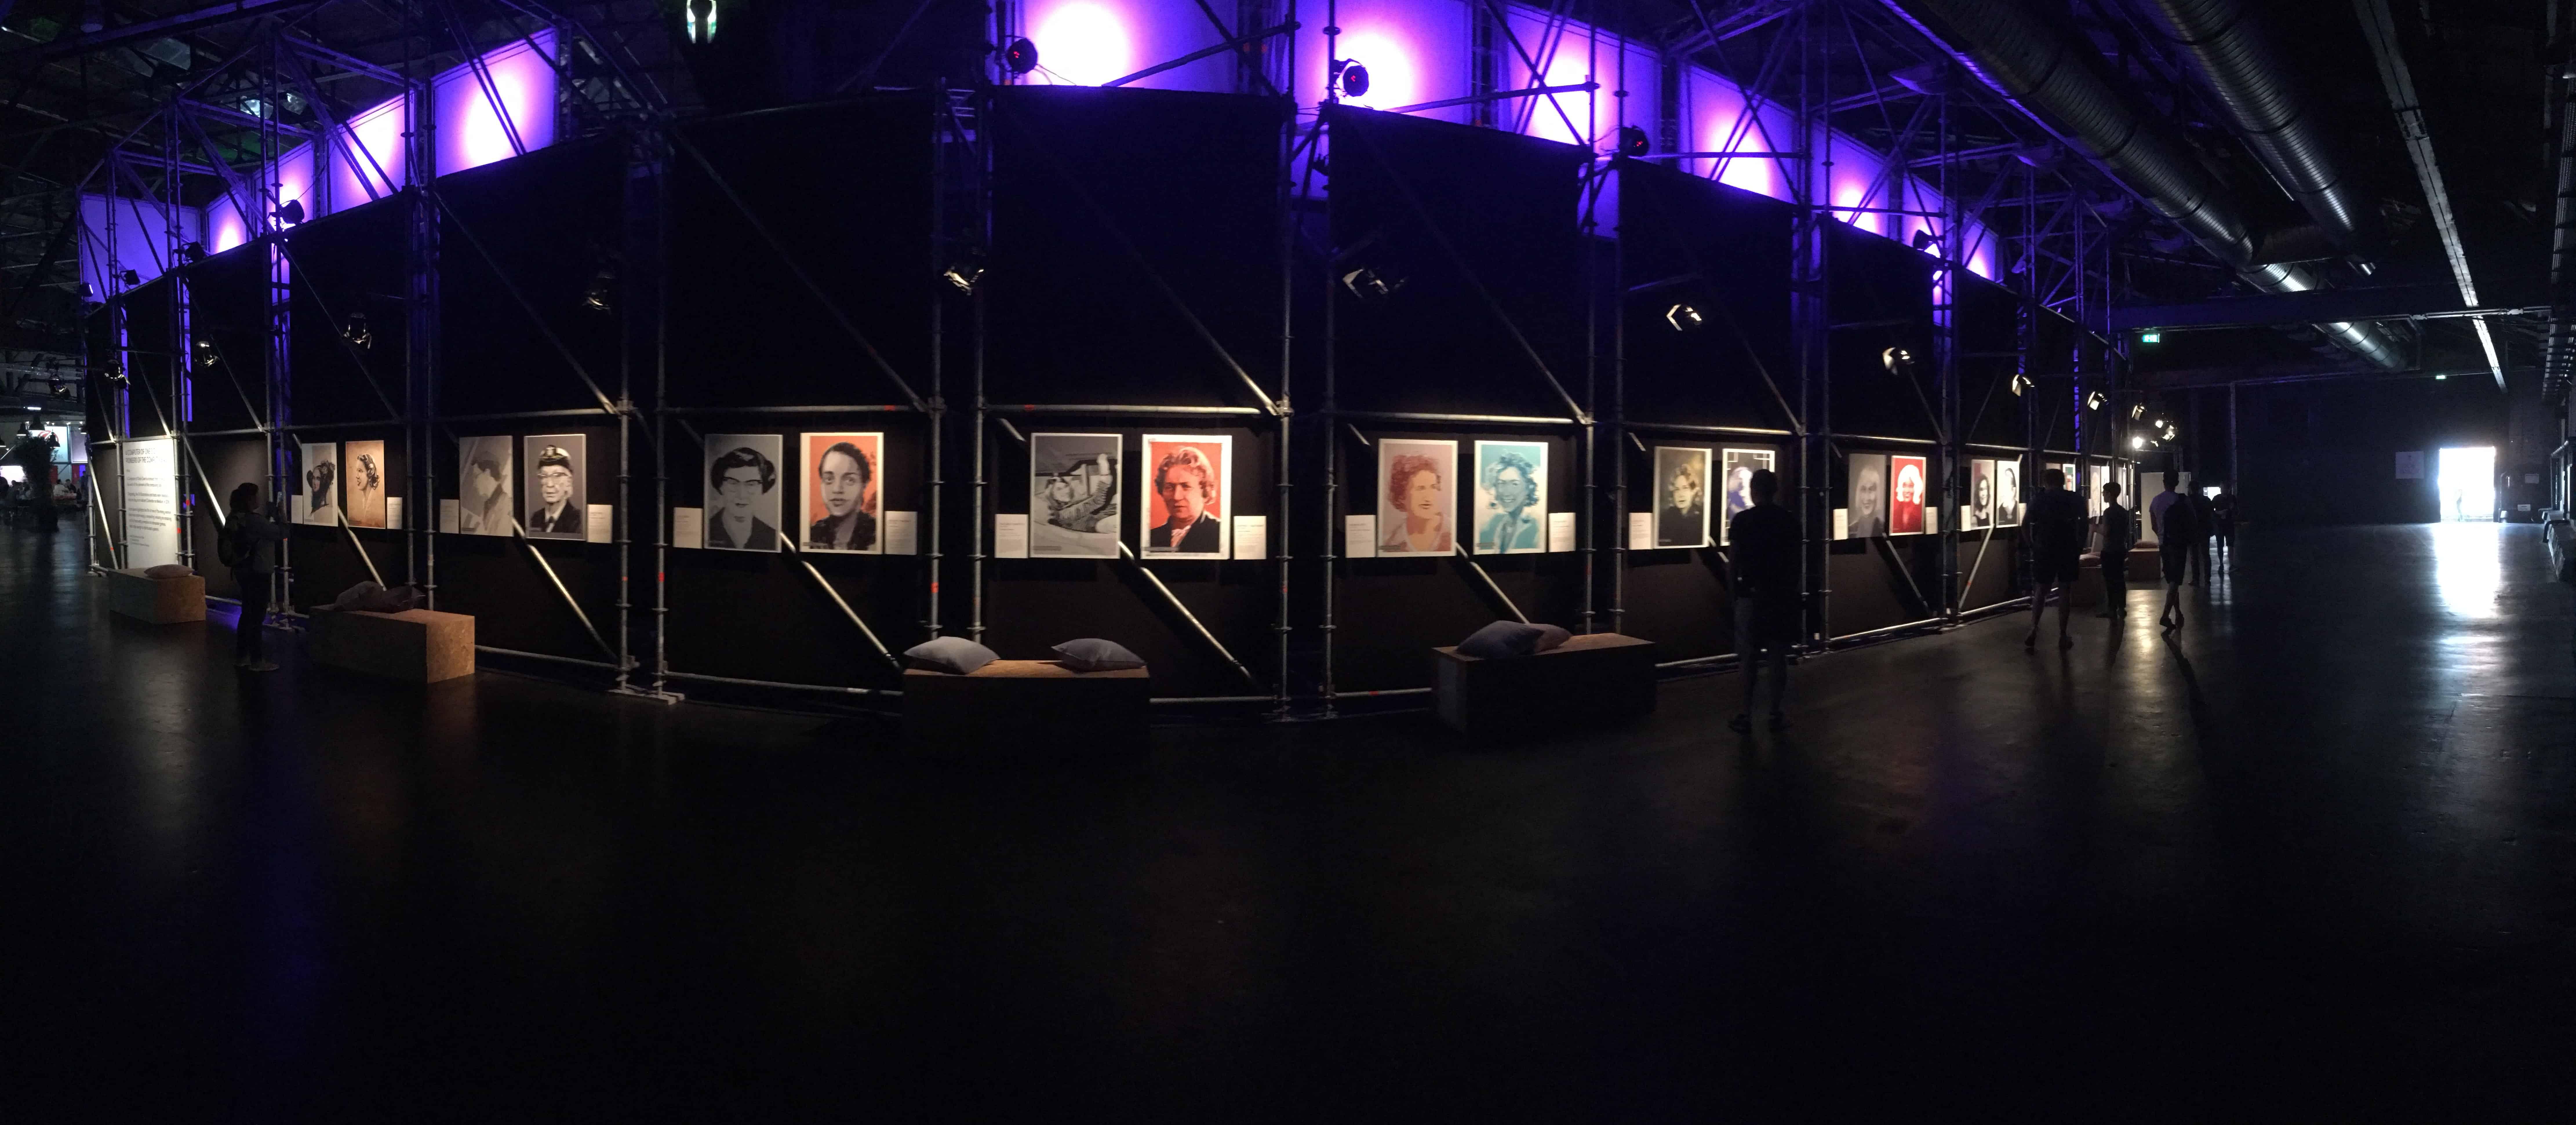 Kunstausstellung der weiblichen Pioniere der Computerbranche